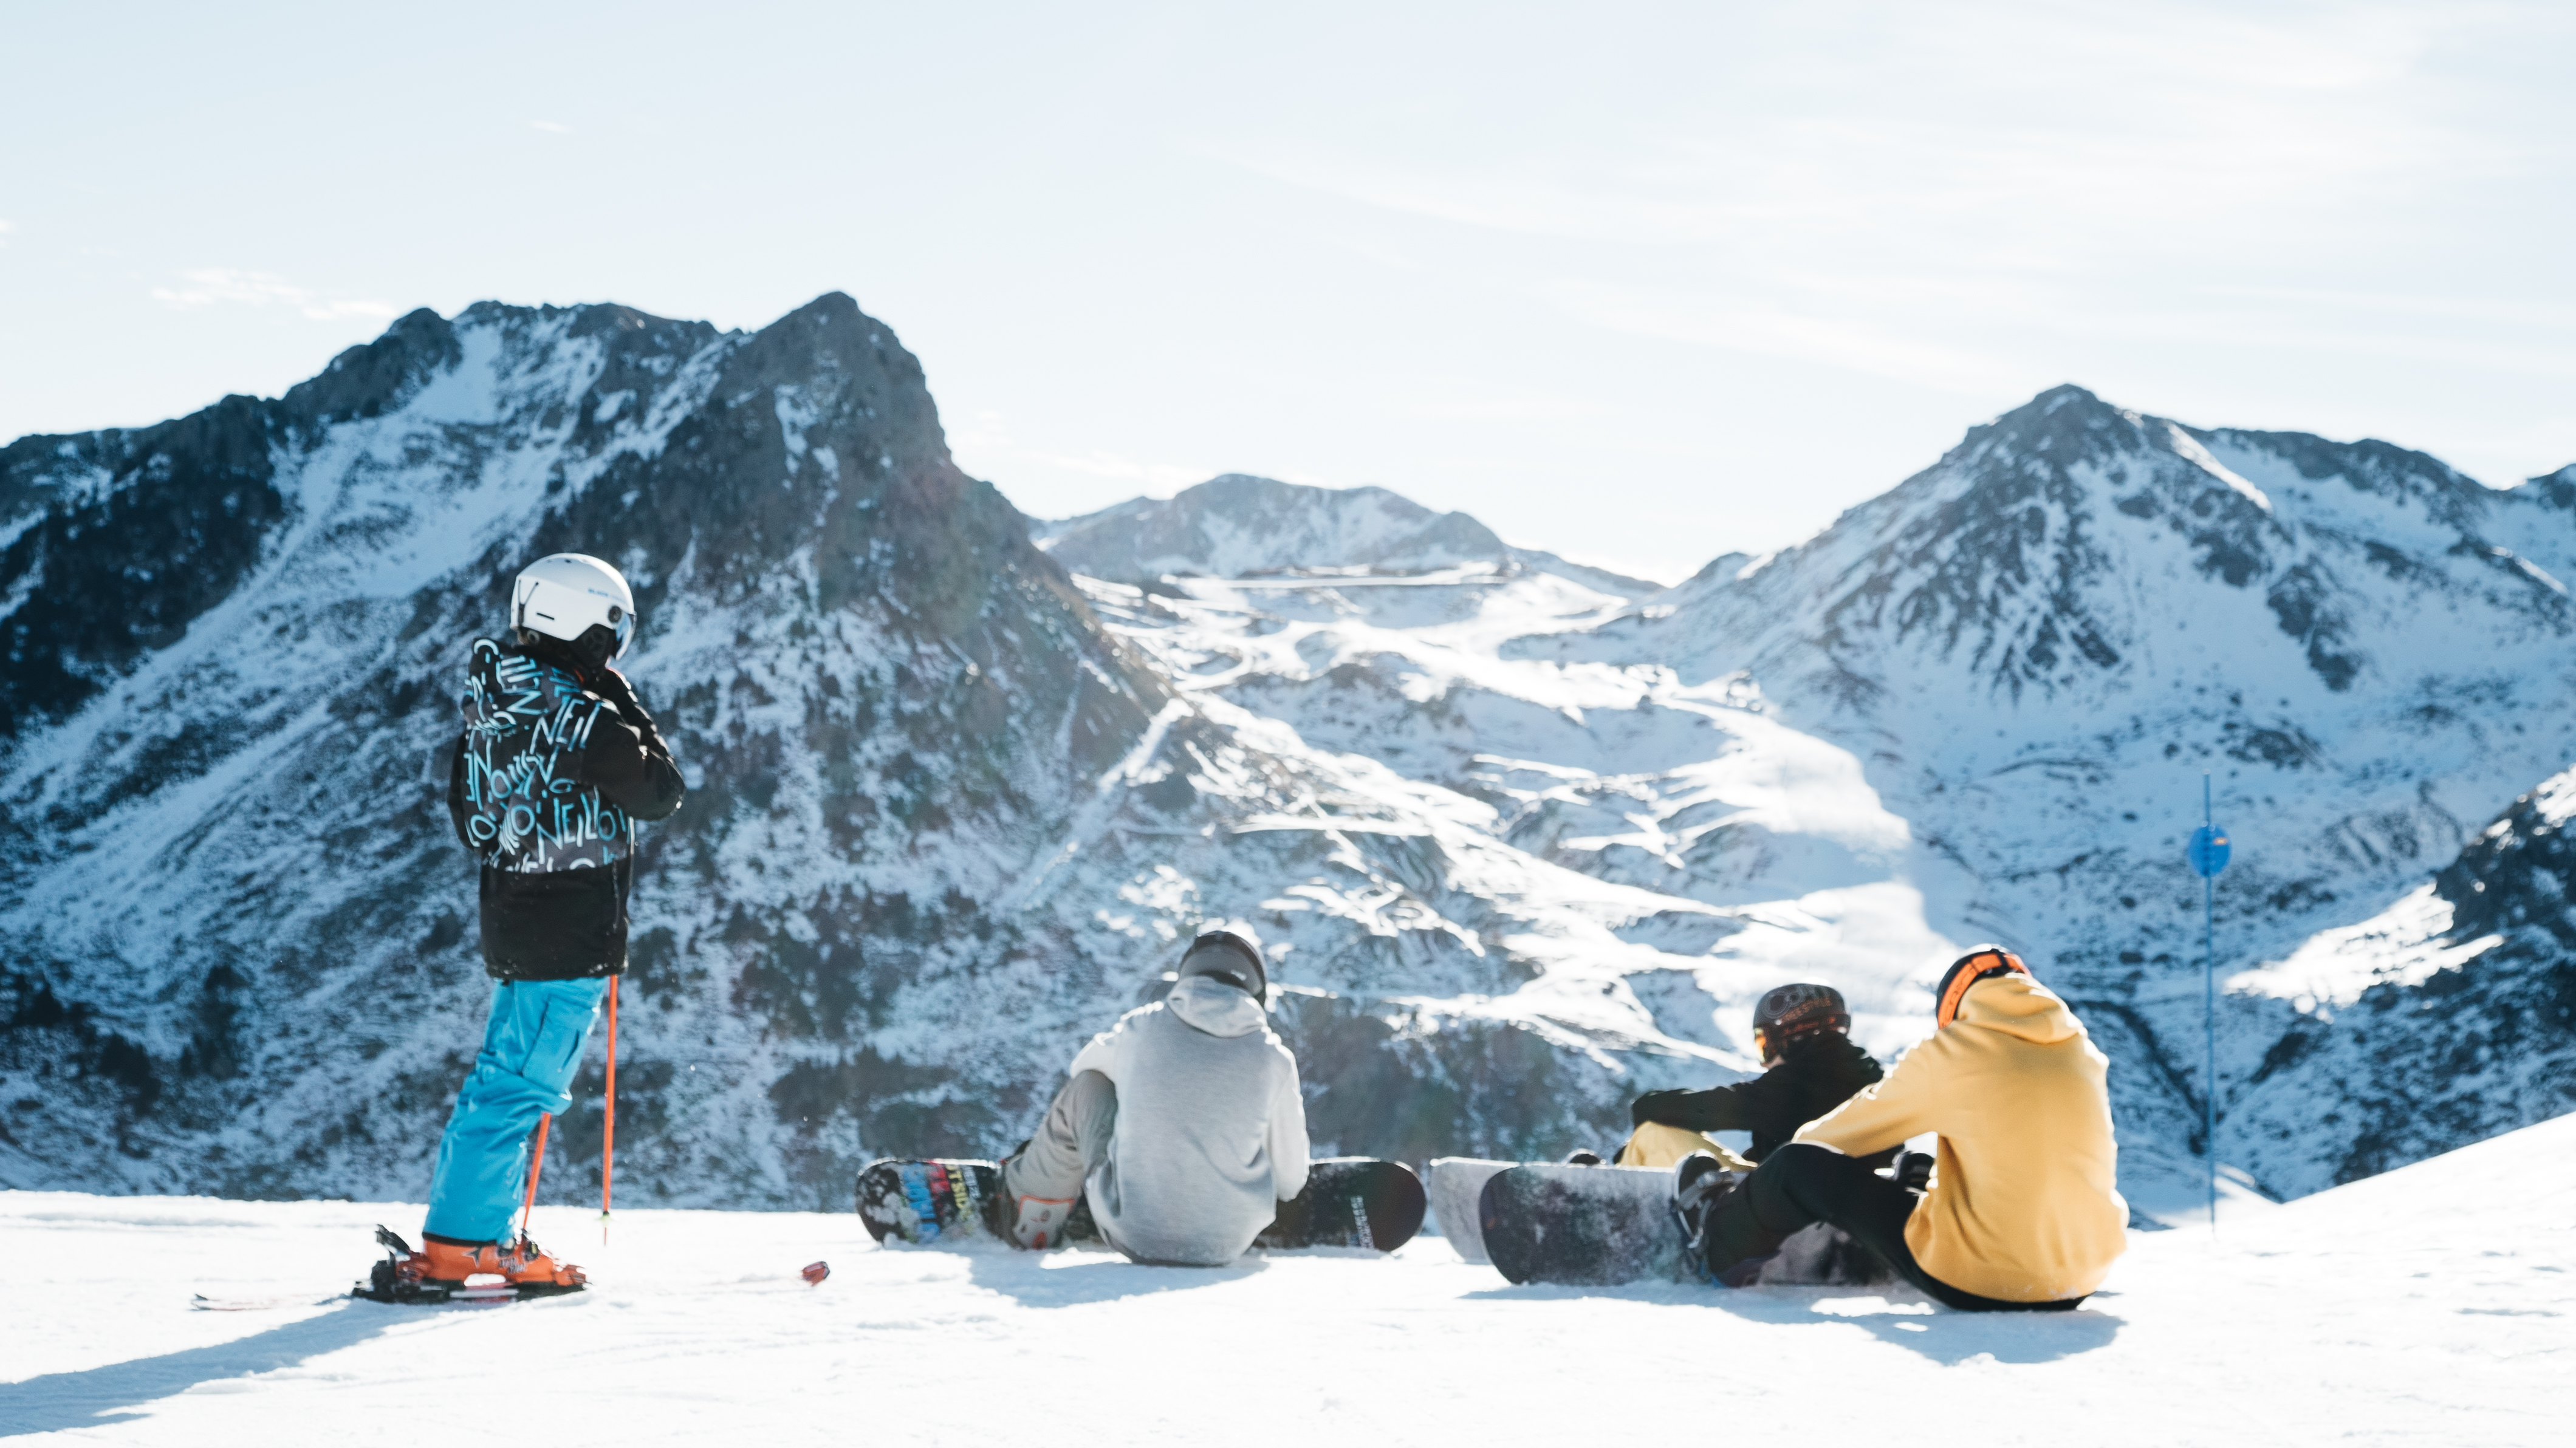 Empieza a planificar tu viaje a la nieve